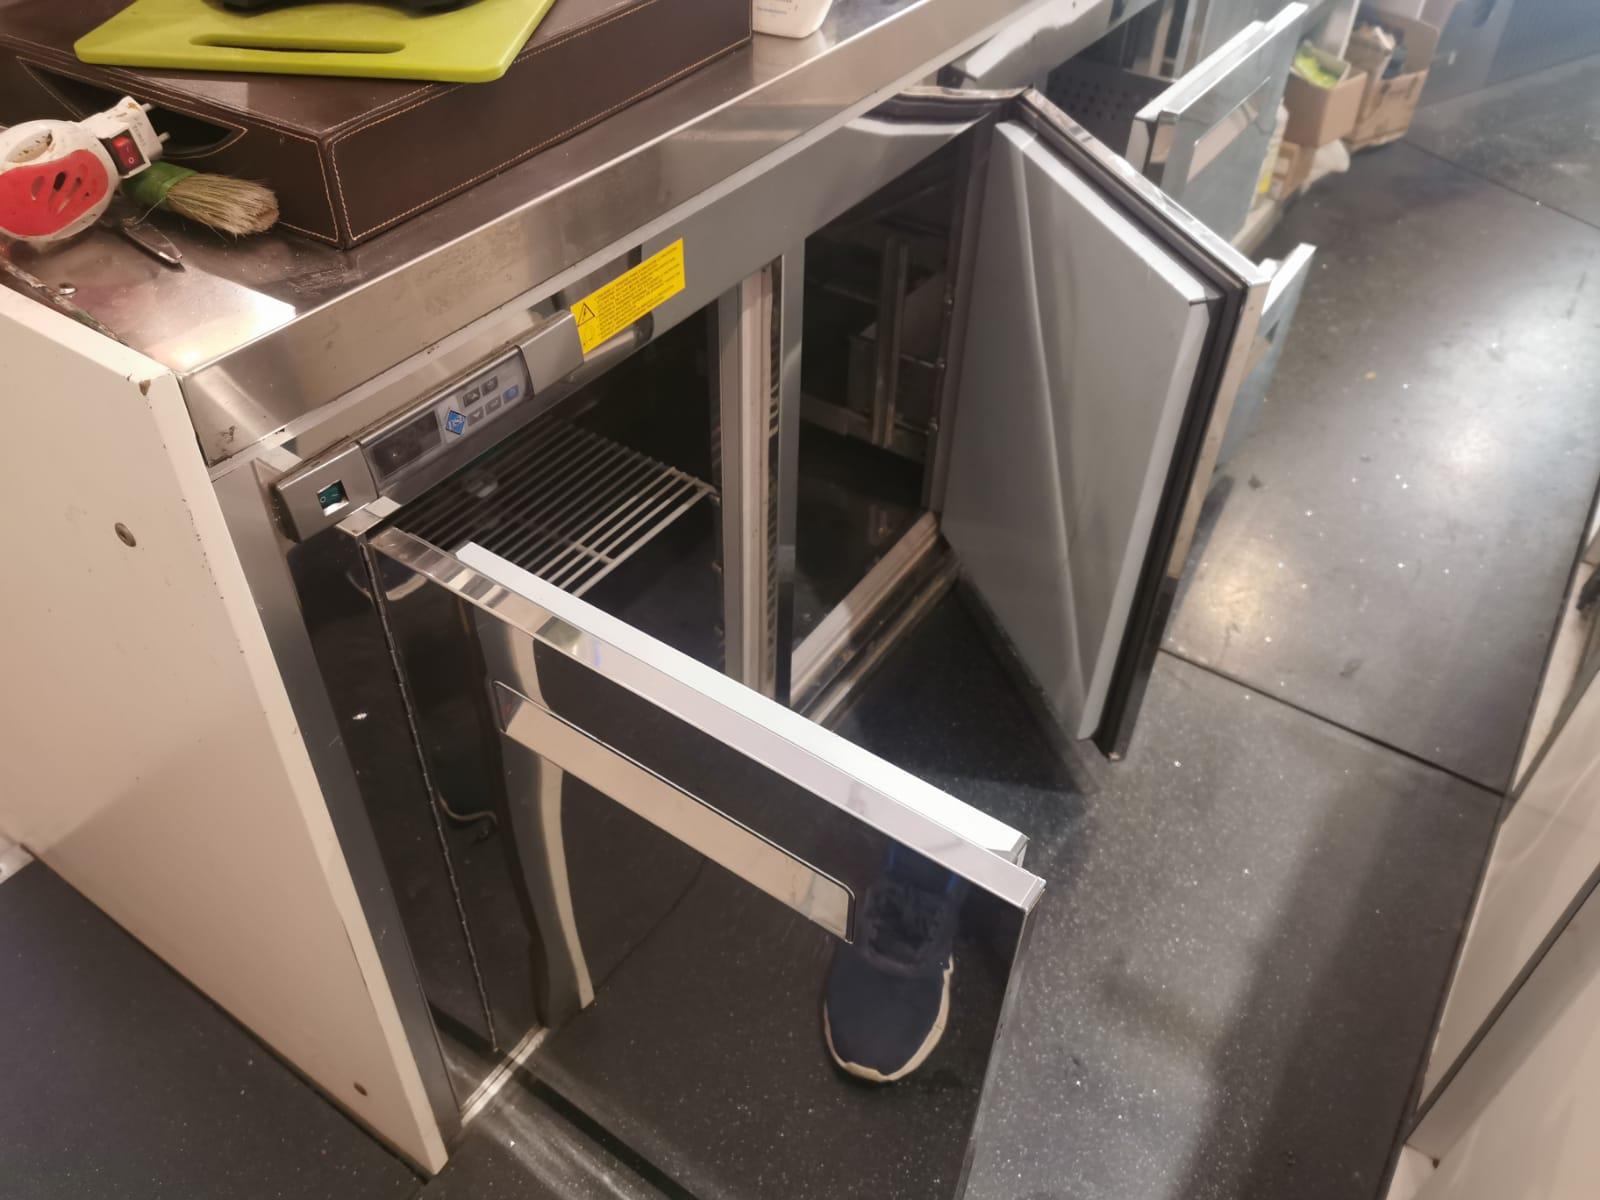 banco frigo 4 scomparti in vendita - foto 2